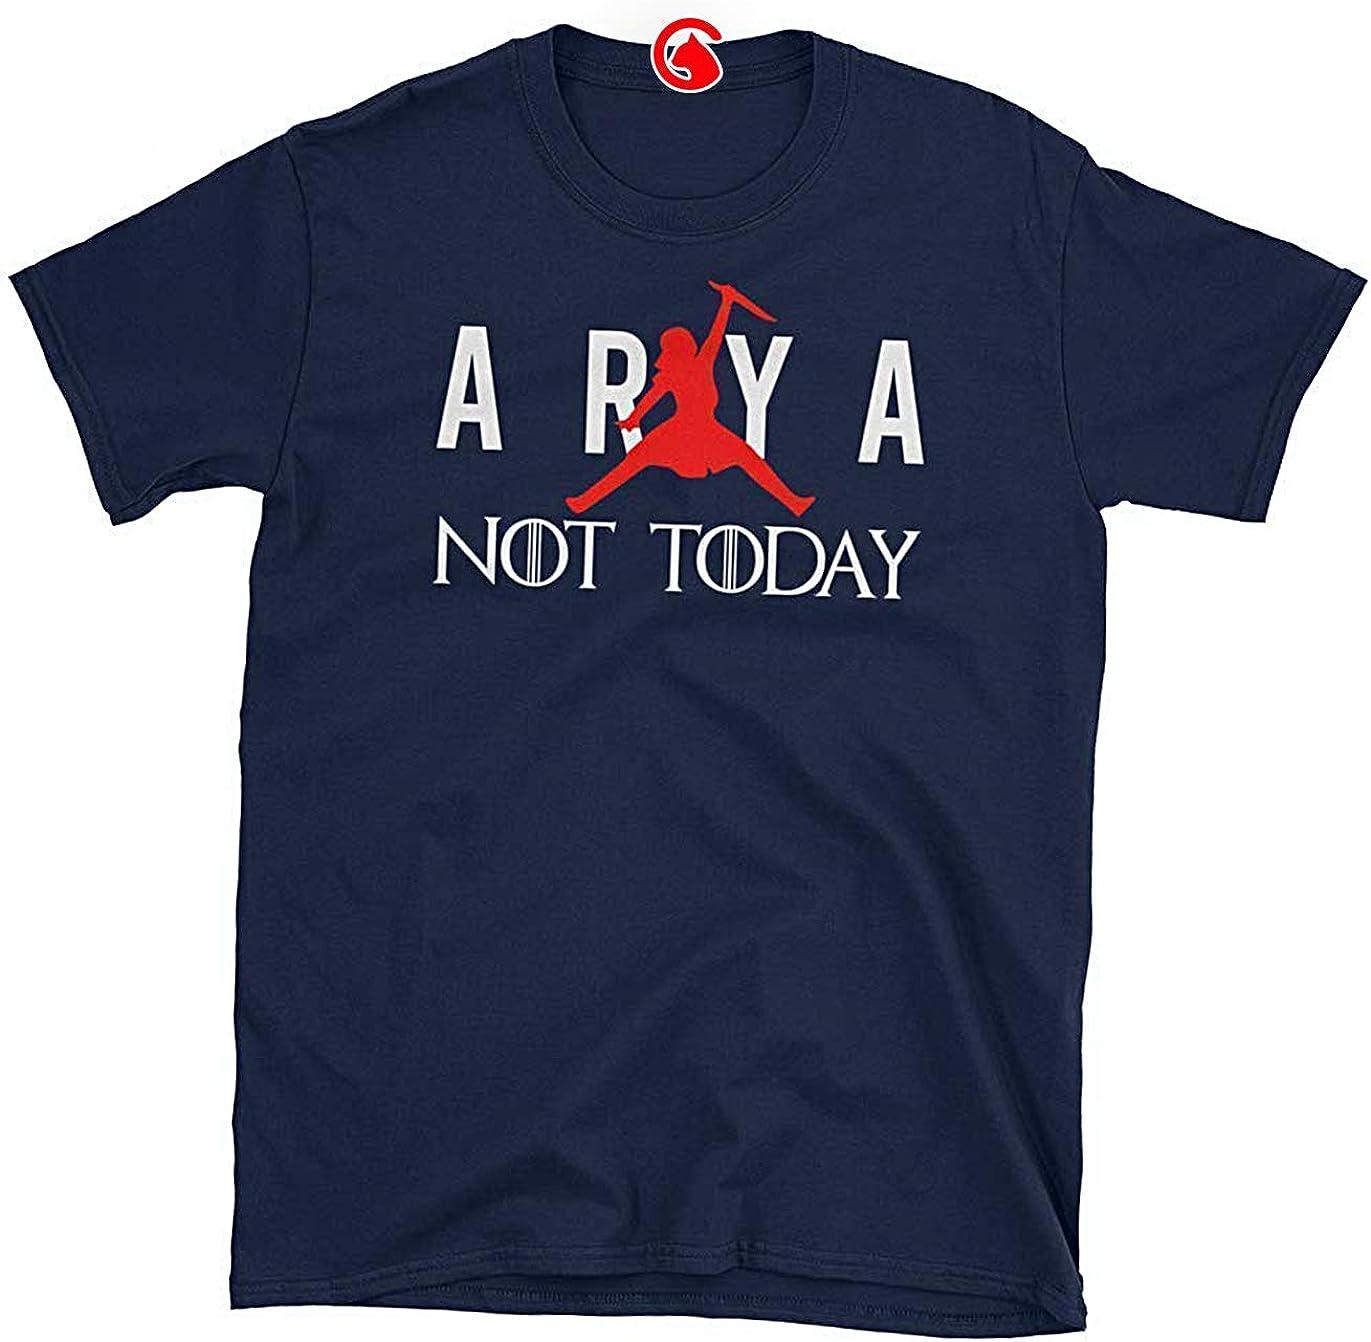 apagado estas temporal  Amazon.com: Catix Arya Jordan Shirt Arya Jumpman Air Not-Today T-Shirt Tee Air  Arya Stark Game-of-Thrones Funny Unisex Classic T Shirt (Click Customize  Now, Click Customize Now): Clothing